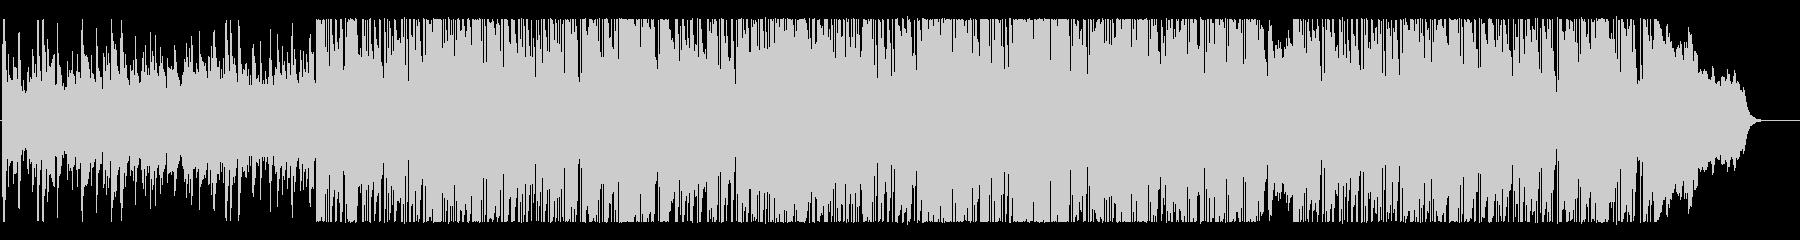 ゴージャスで優美なBGMの未再生の波形